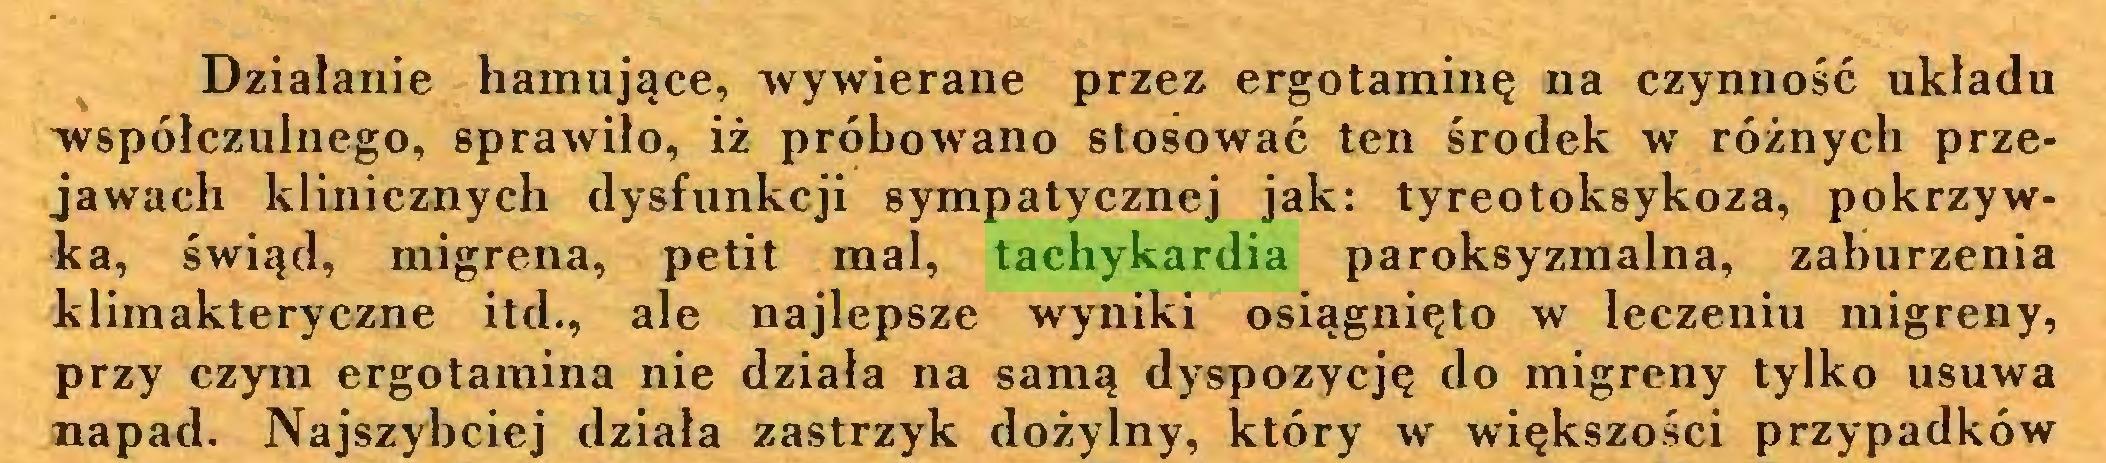 """(...) Działanie hamujące, """"wywierane przez ergotaminę na czynność układu współczulnego, sprawiło, iż próbowano stosować ten środek w różnych przejawach klinicznych dysfunkcji sympatycznej jak: tyreotoksykoza, pokrzywka, świąd, migrena, petit mai, tachykardia paroksyzmalna, zaburzenia kliraakteryczne itd., ale najlepsze wyniki osiągnięto w leczeniu migreny, przy czym ergotamina nie działa na samą dyspozycję do migreny tylko usuwa napad. Najszybciej działa zastrzyk dożylny, który w większości przypadków..."""